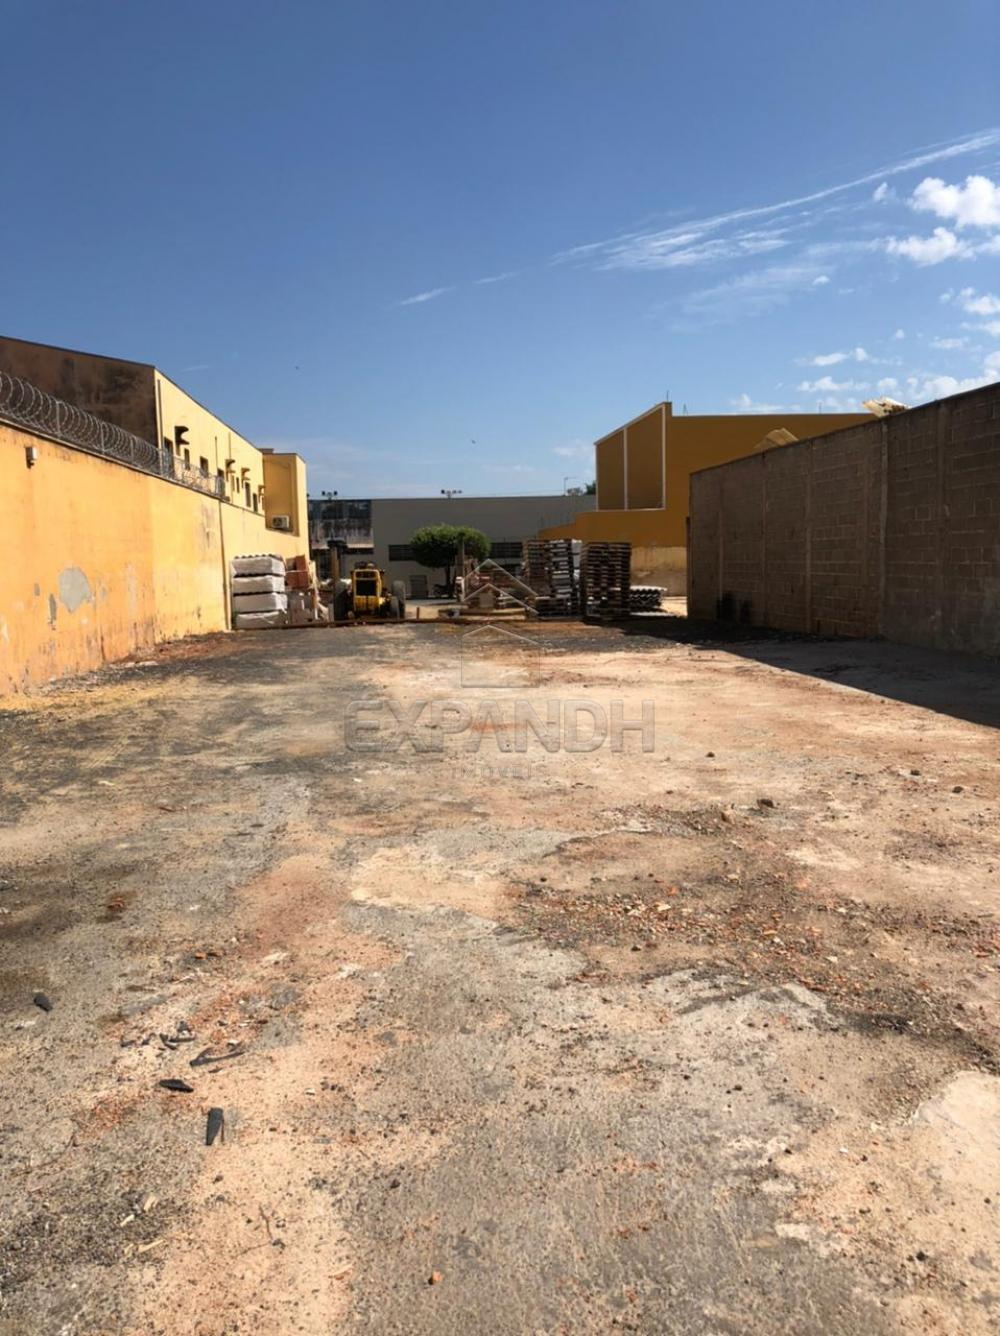 Alugar Terrenos / Padrão em Sertãozinho R$ 1.300,00 - Foto 3